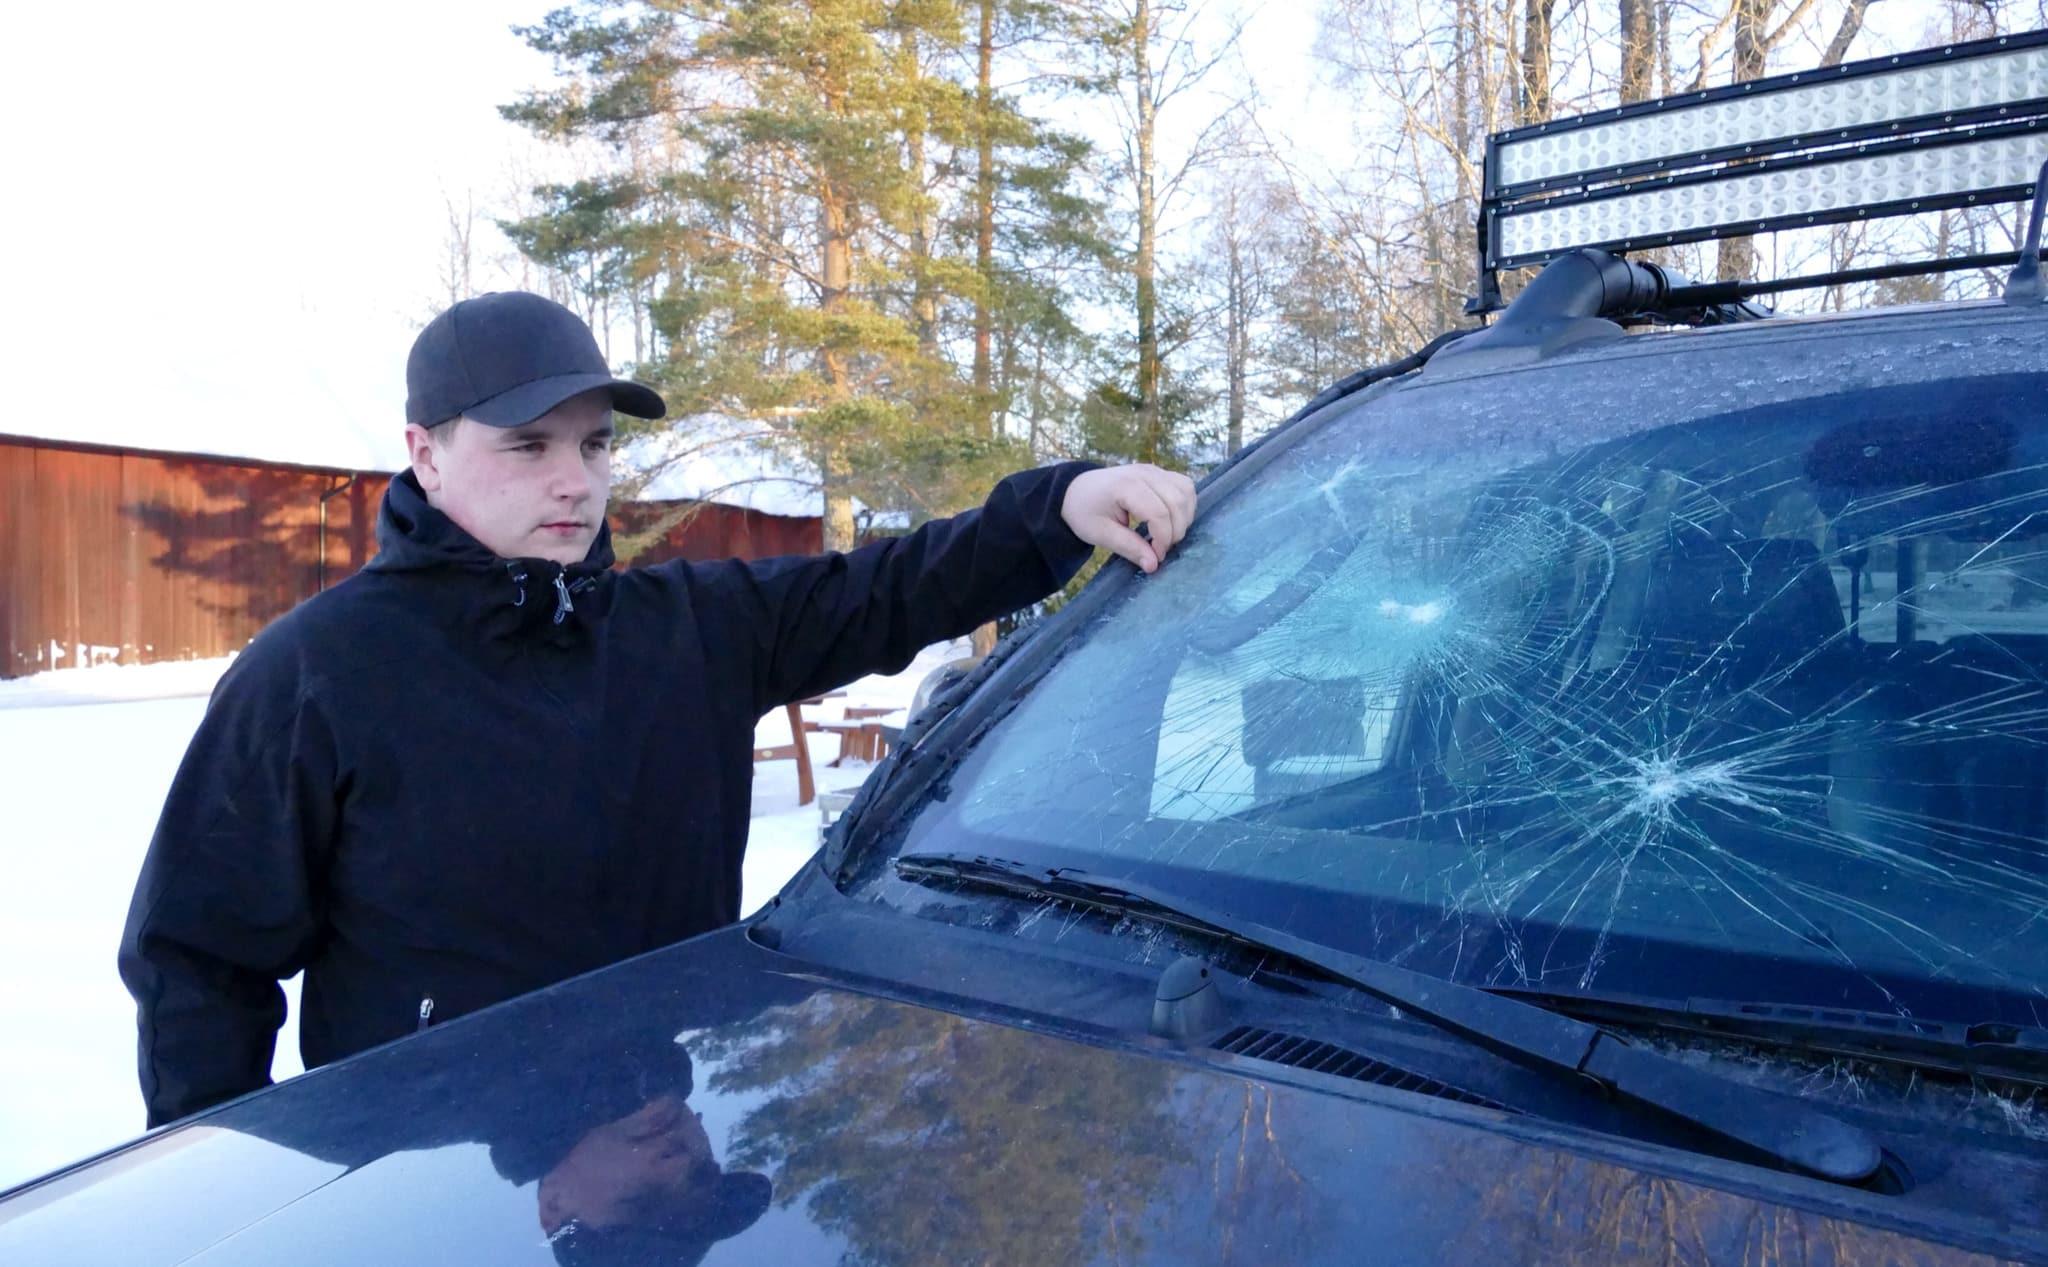 Mattias Heed handlade helt enligt regelboken när han avlivade den stora hanvargen. Men han blev hotad, förföljd och fick sin bil demolerad. Foto: Boo Westlund